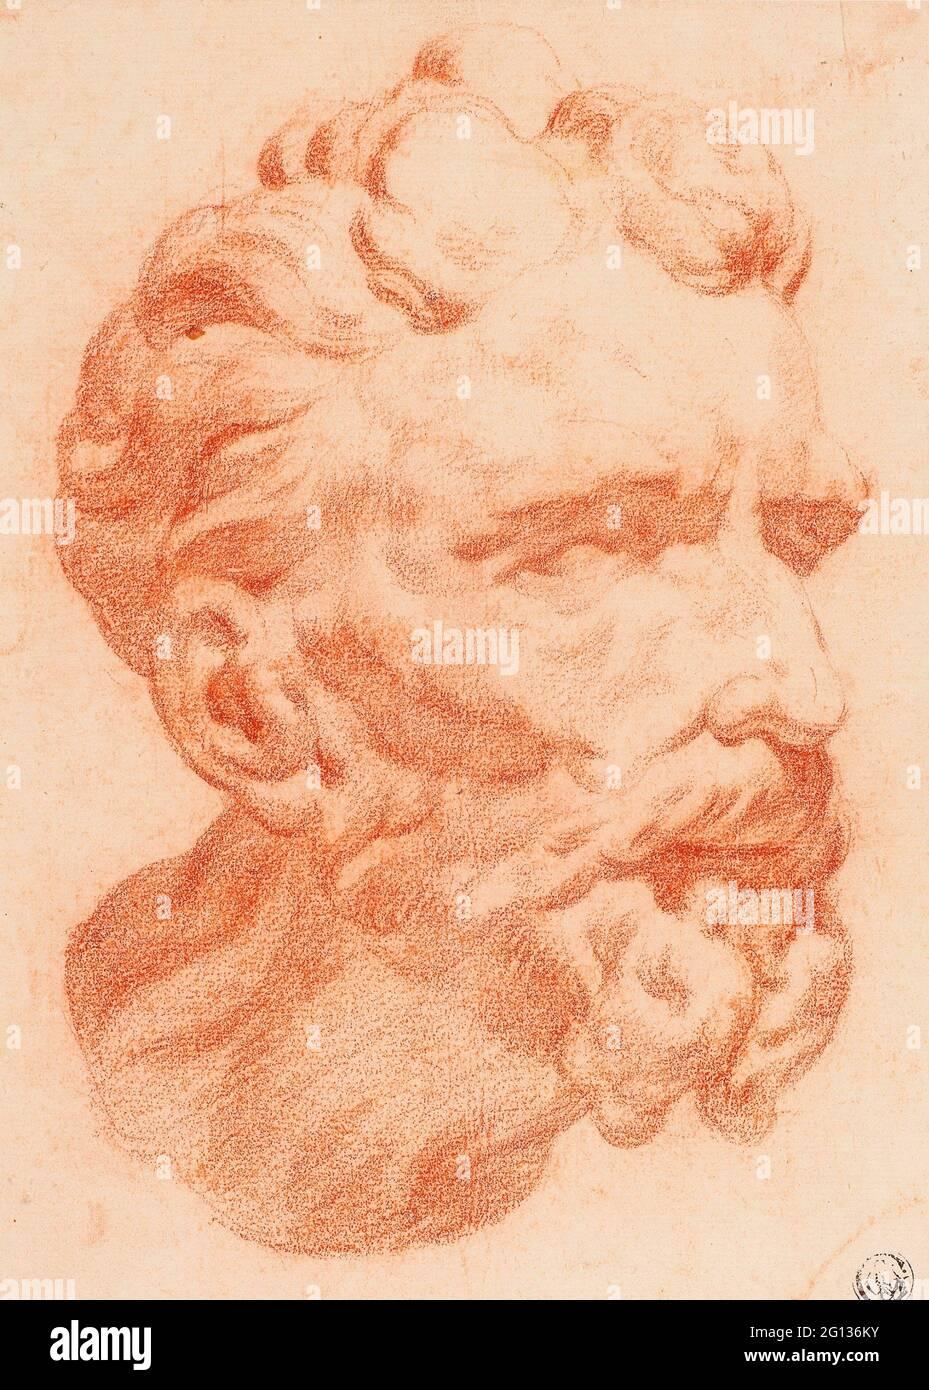 Auteur: Pietro Dandini. Tête de l'homme barbu dans le profil de trois-quarts à droite - attribué à Pietro Dandini Italien, 1646-1712. Craie rouge sur ivoire Banque D'Images